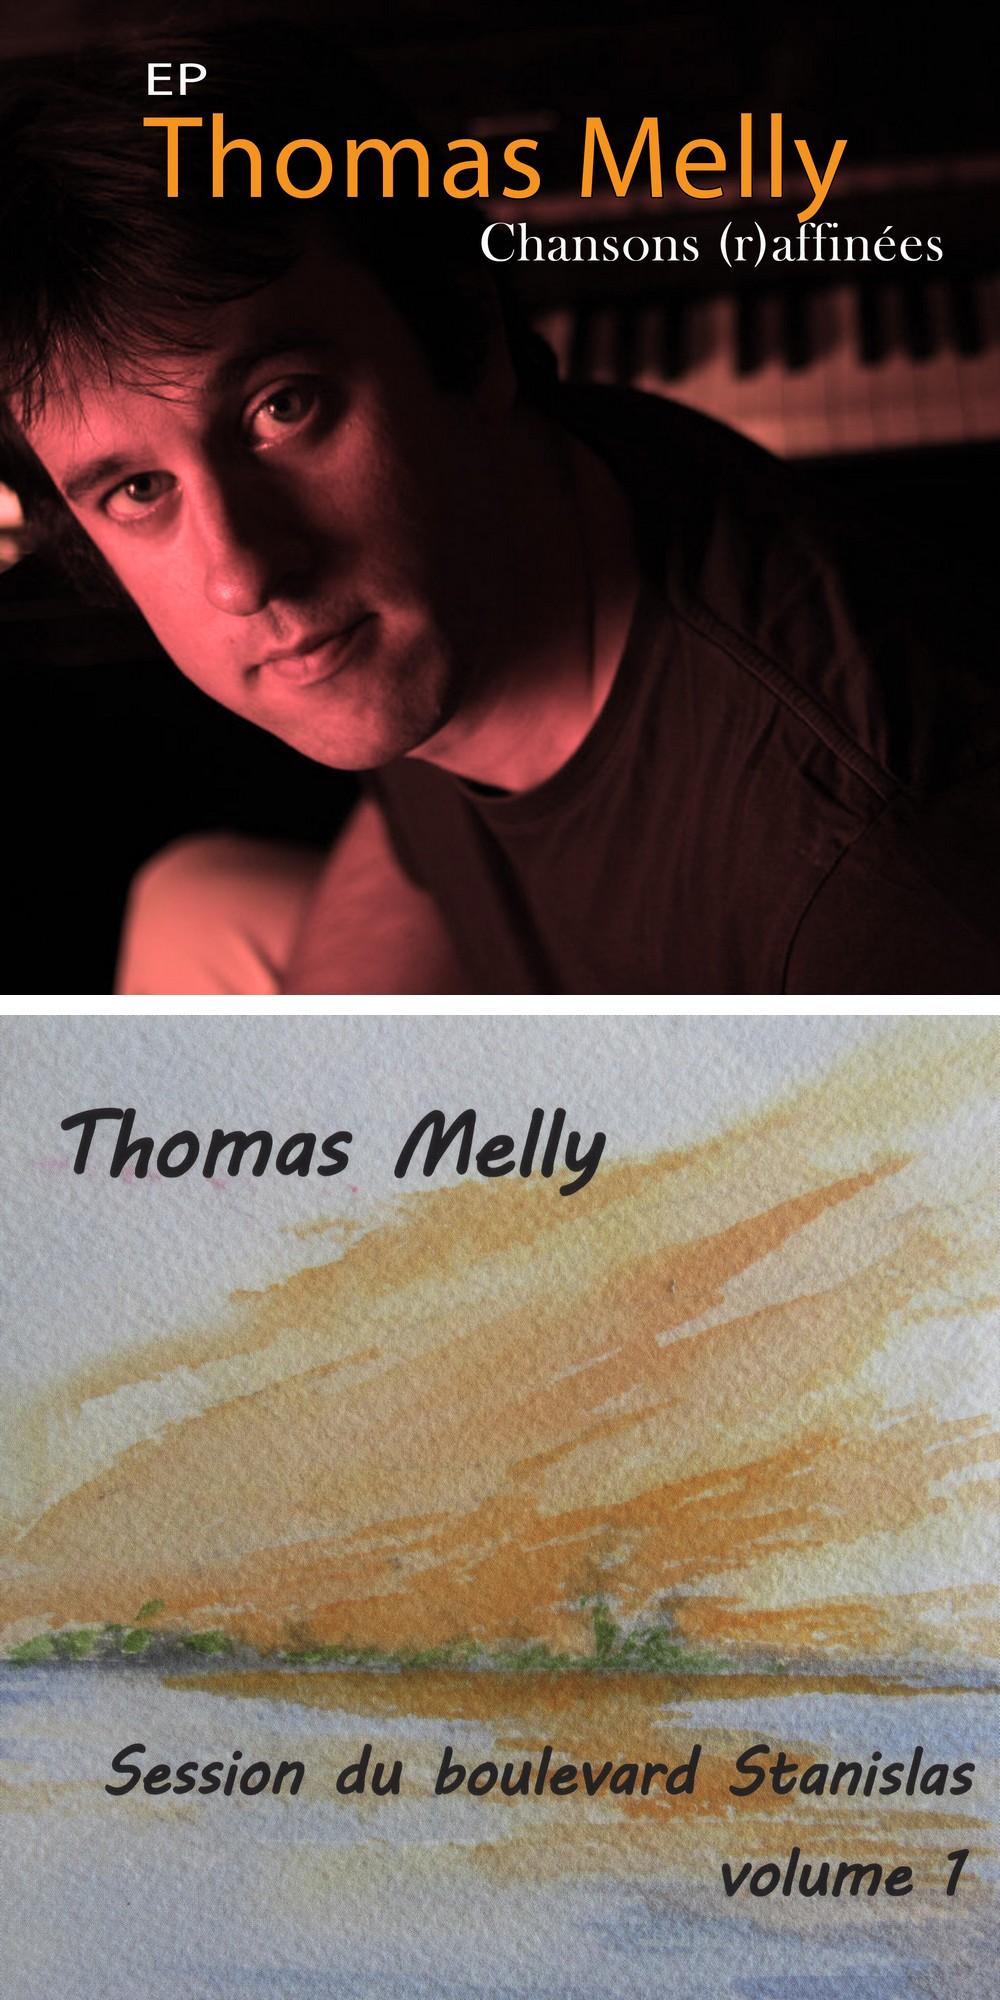 Thomas Melly, auteur, compositeur, interprète